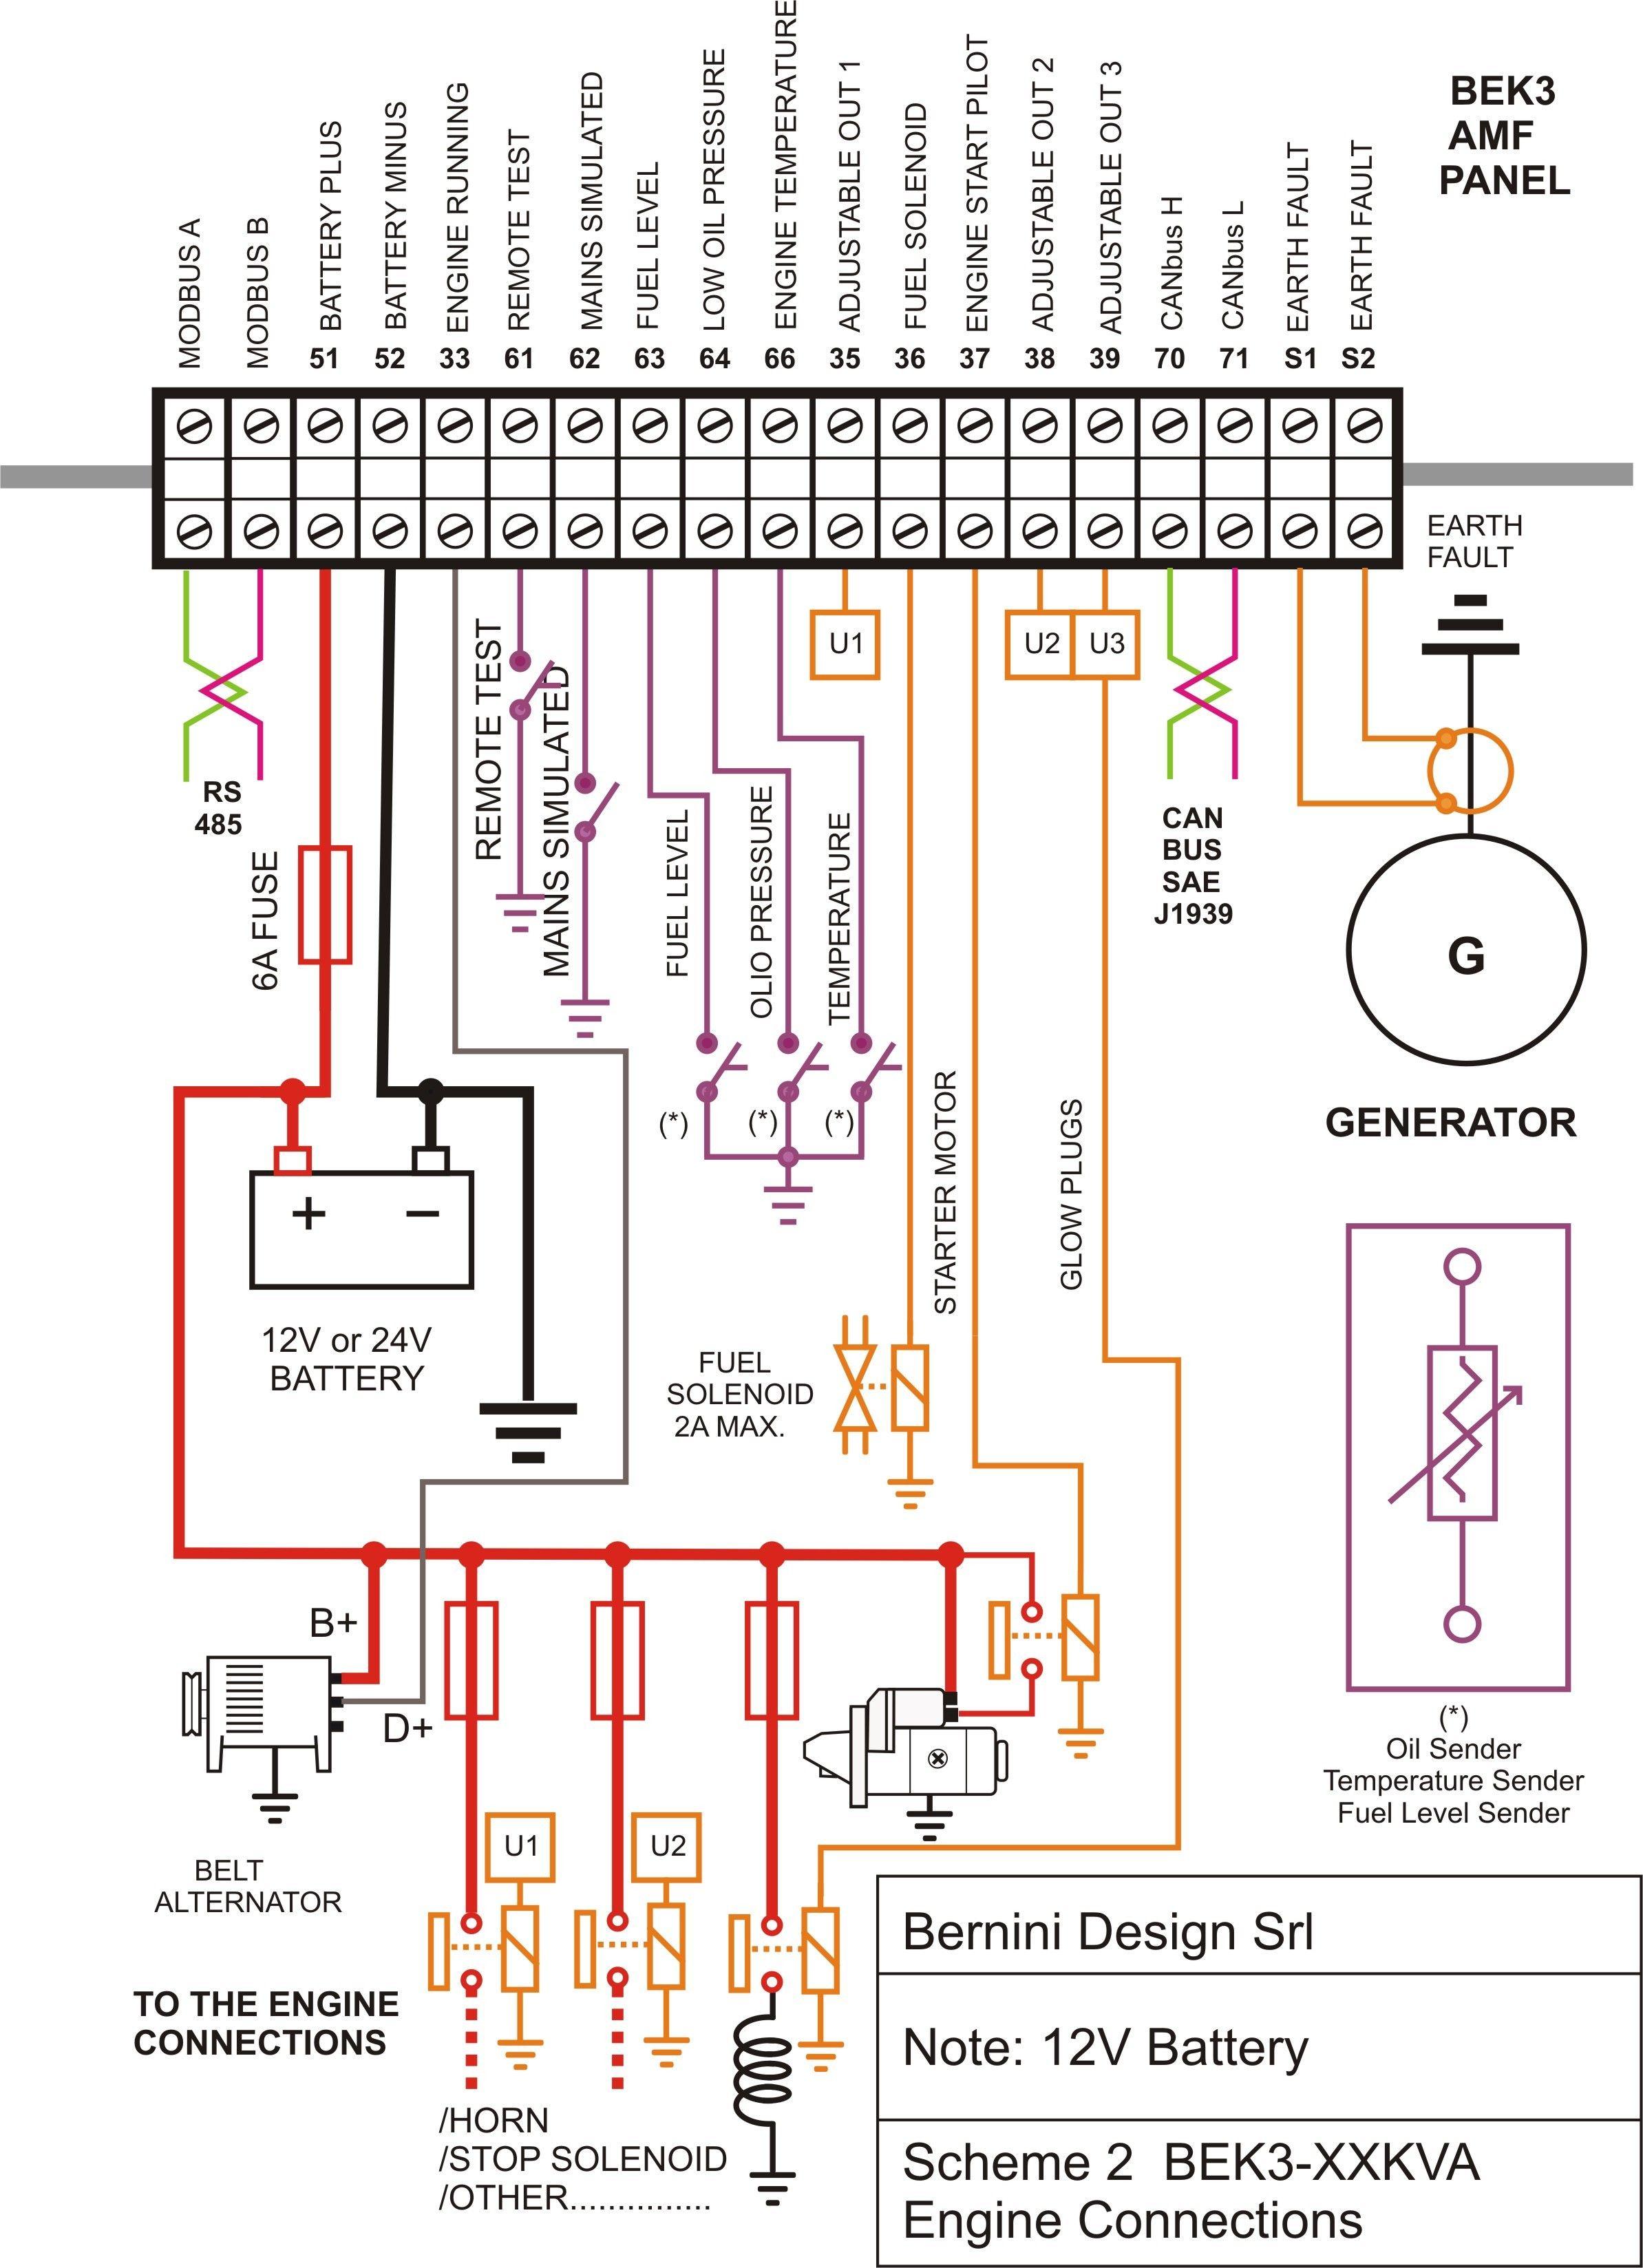 27 Wiring Diagram For Onan Generator - Wiring Database 2020